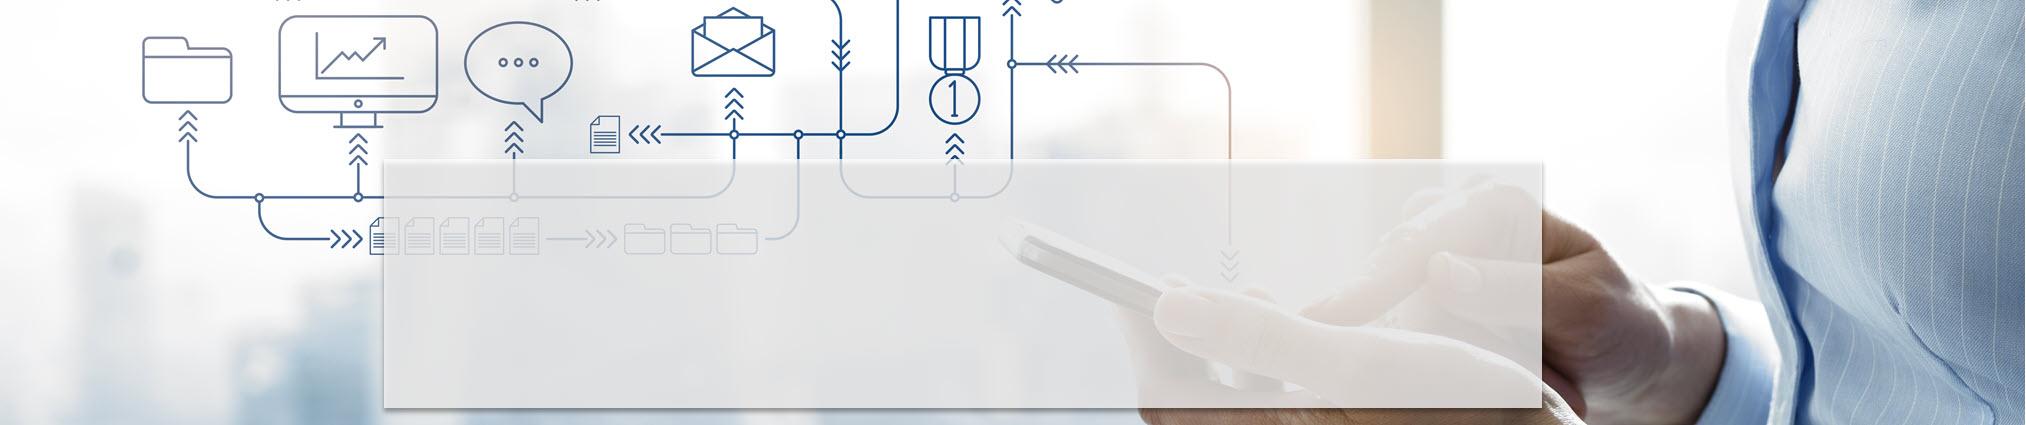 Digitalisiserung Geschäftsprozesse